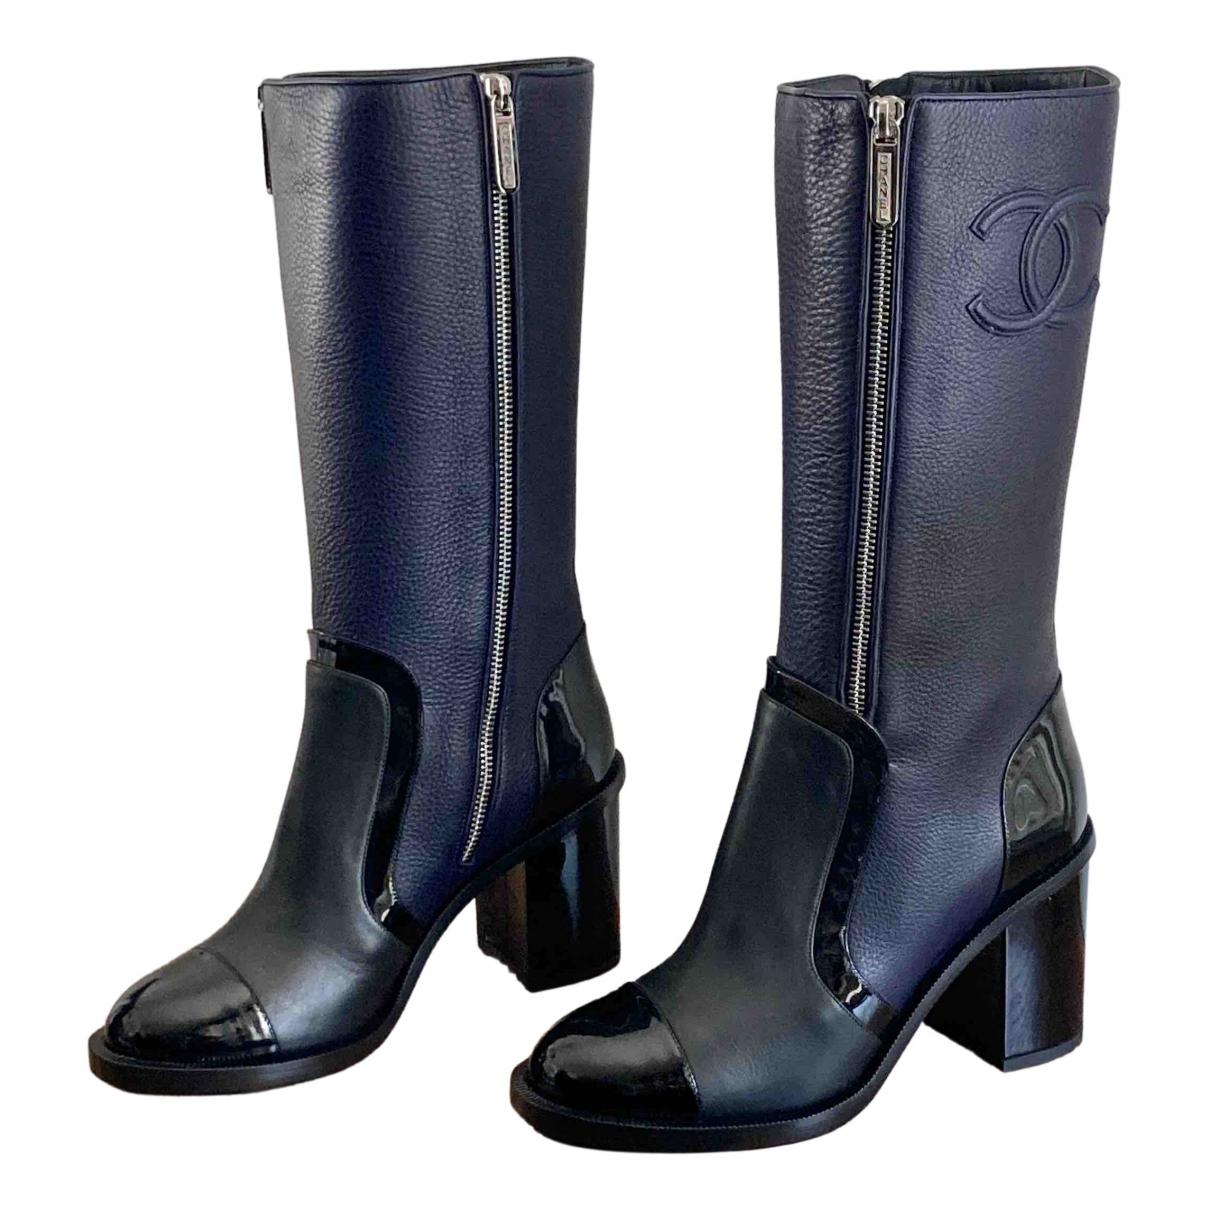 Chanel - Bottes   pour femme en cuir - marine